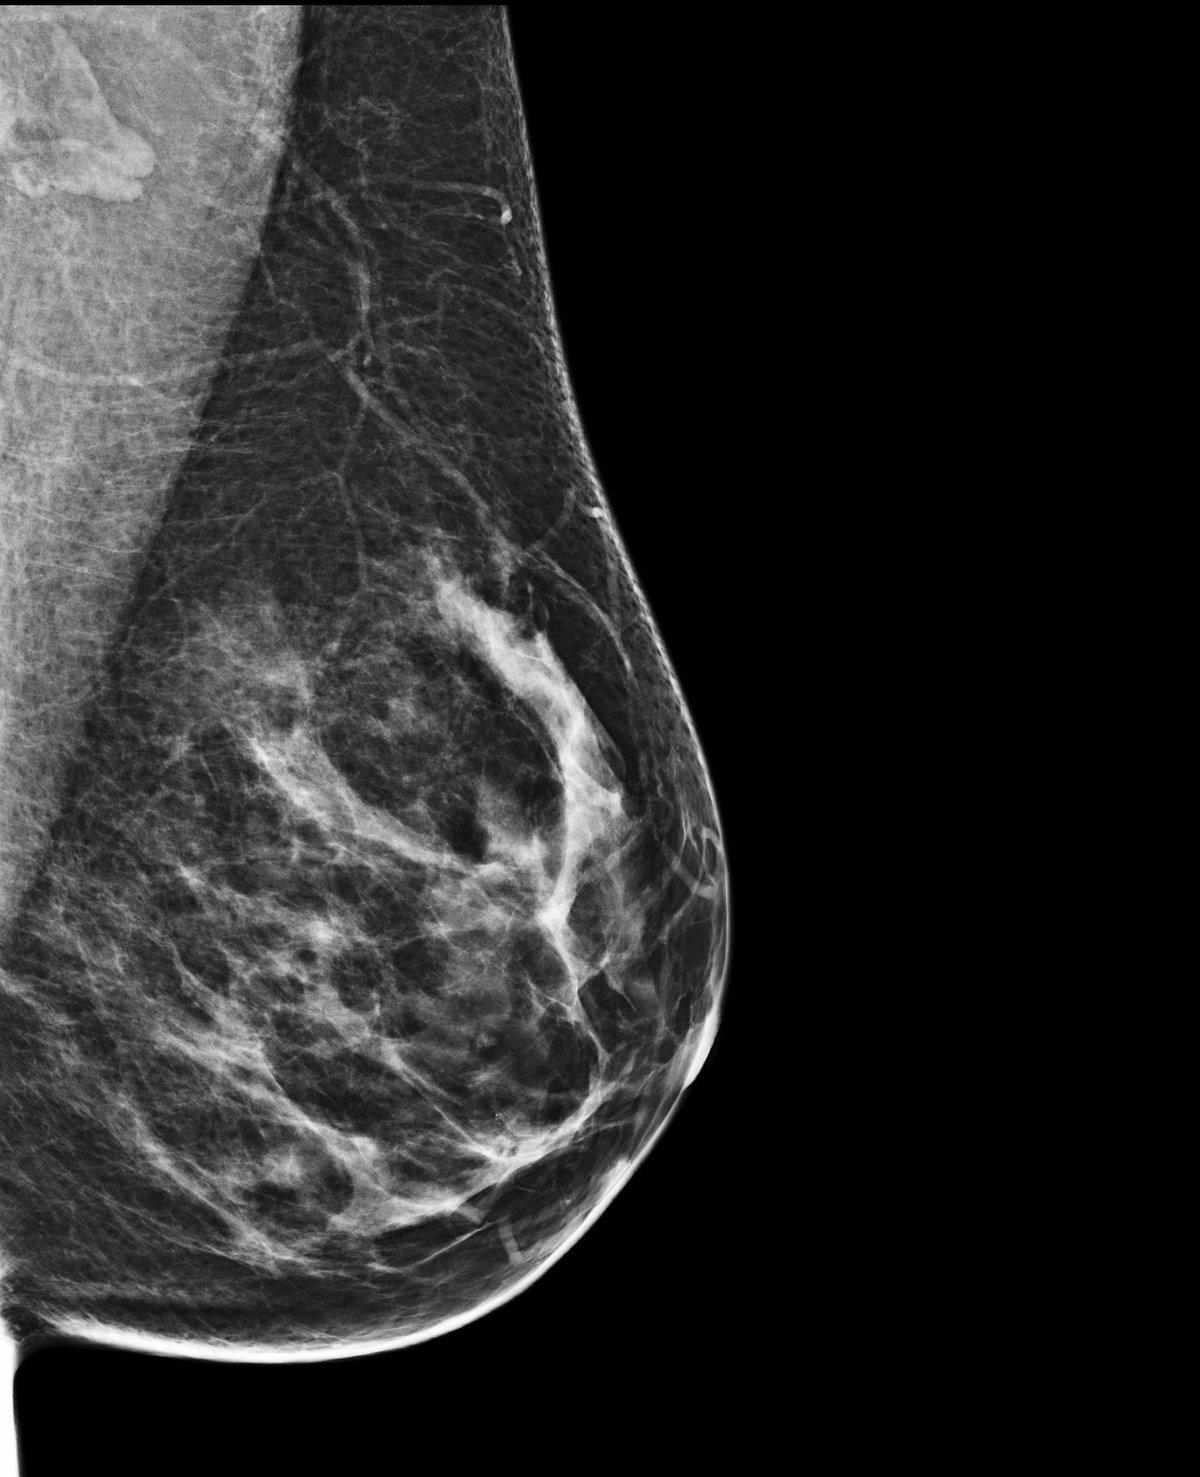 I v takovém shluku prsní žlázy přístroj odhalí zhoubný útvar.